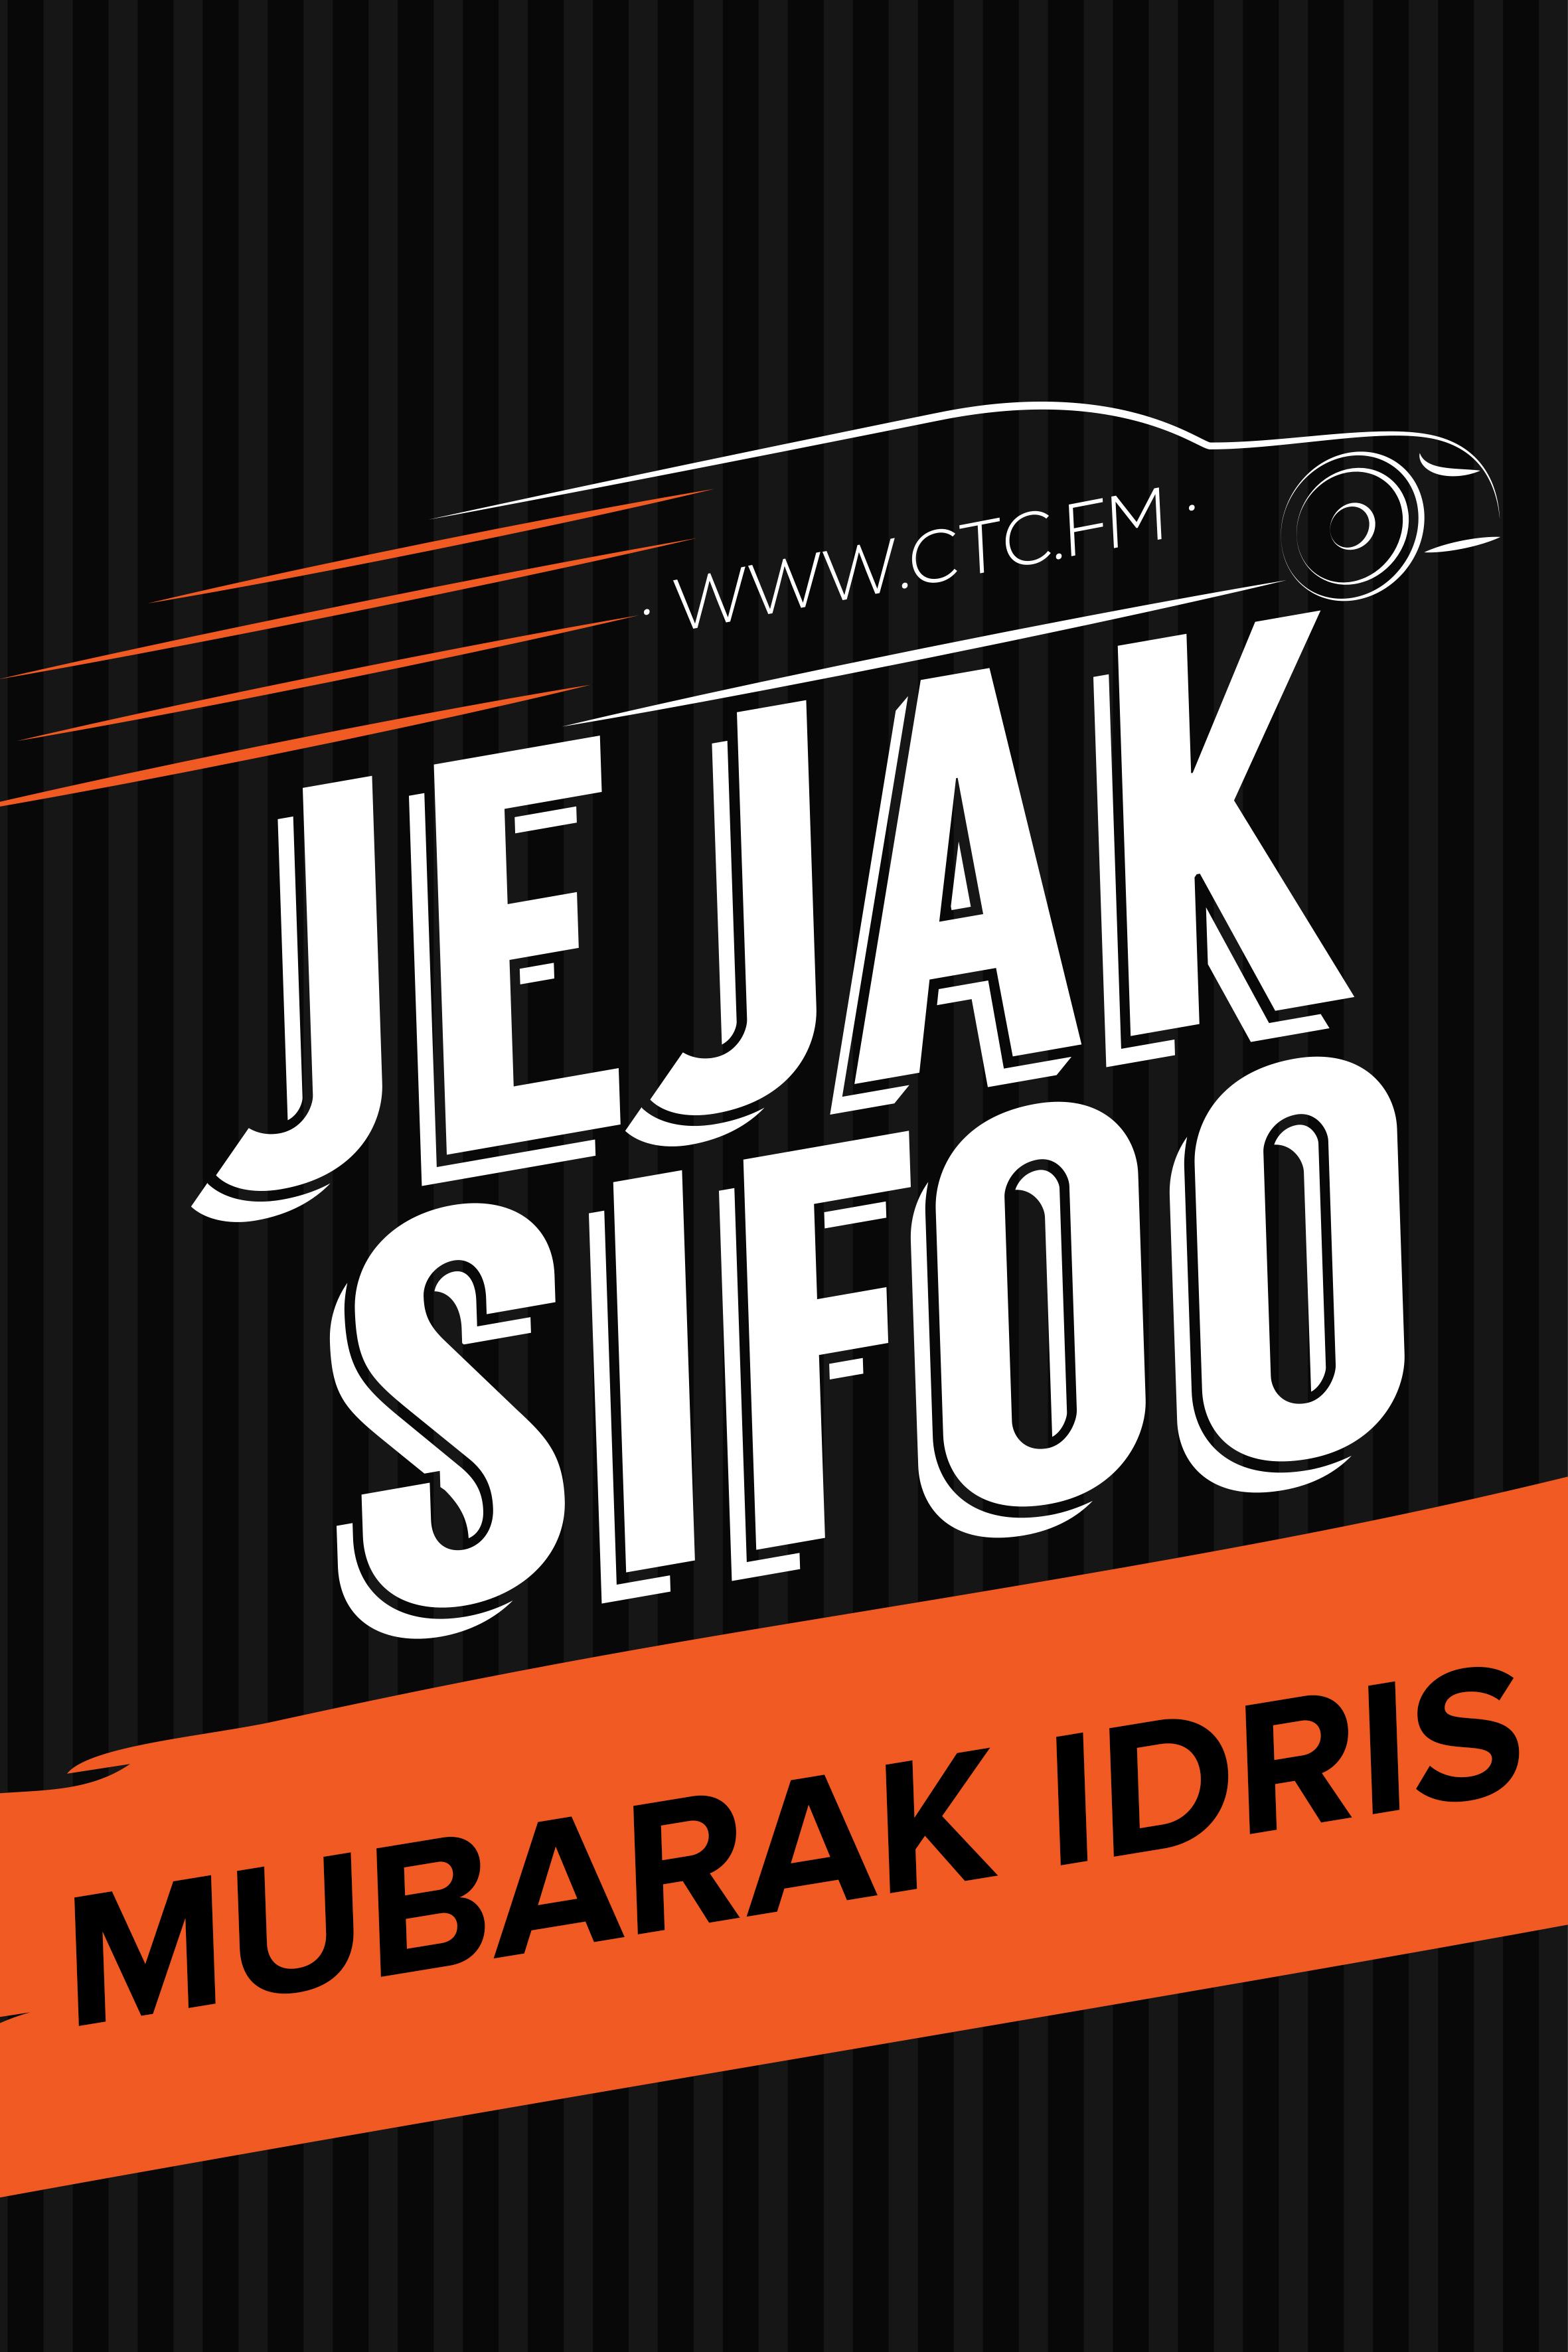 Jejak Sifoo bersama Mubarak Idris